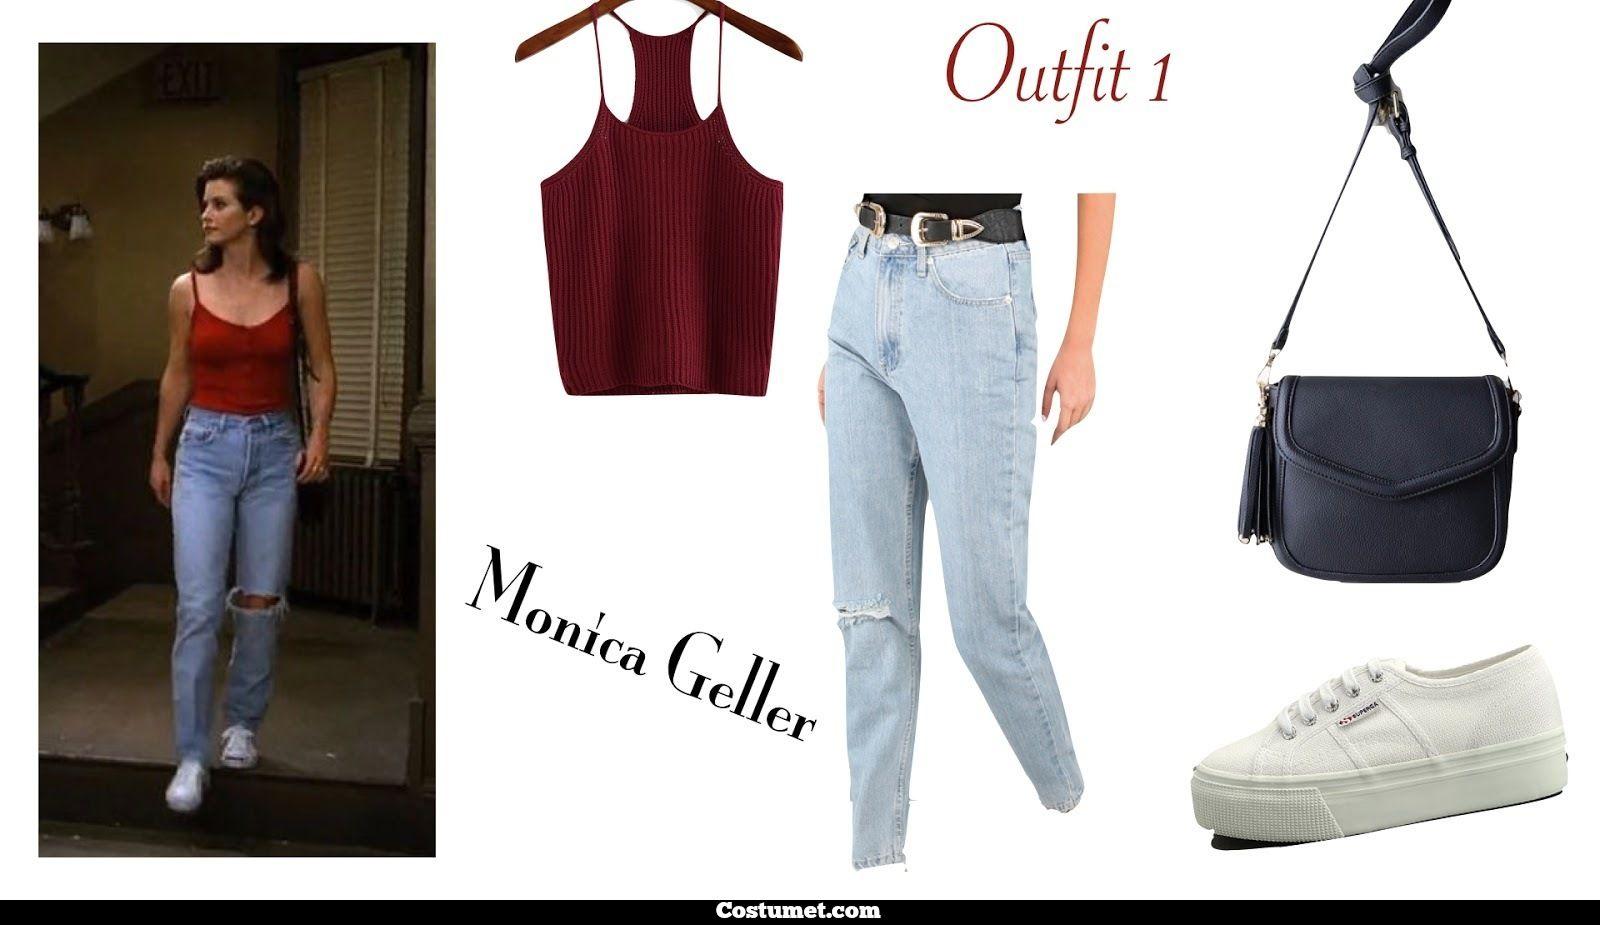 Monica Geller (Friends) Costume for Cosplay & Halloween 6